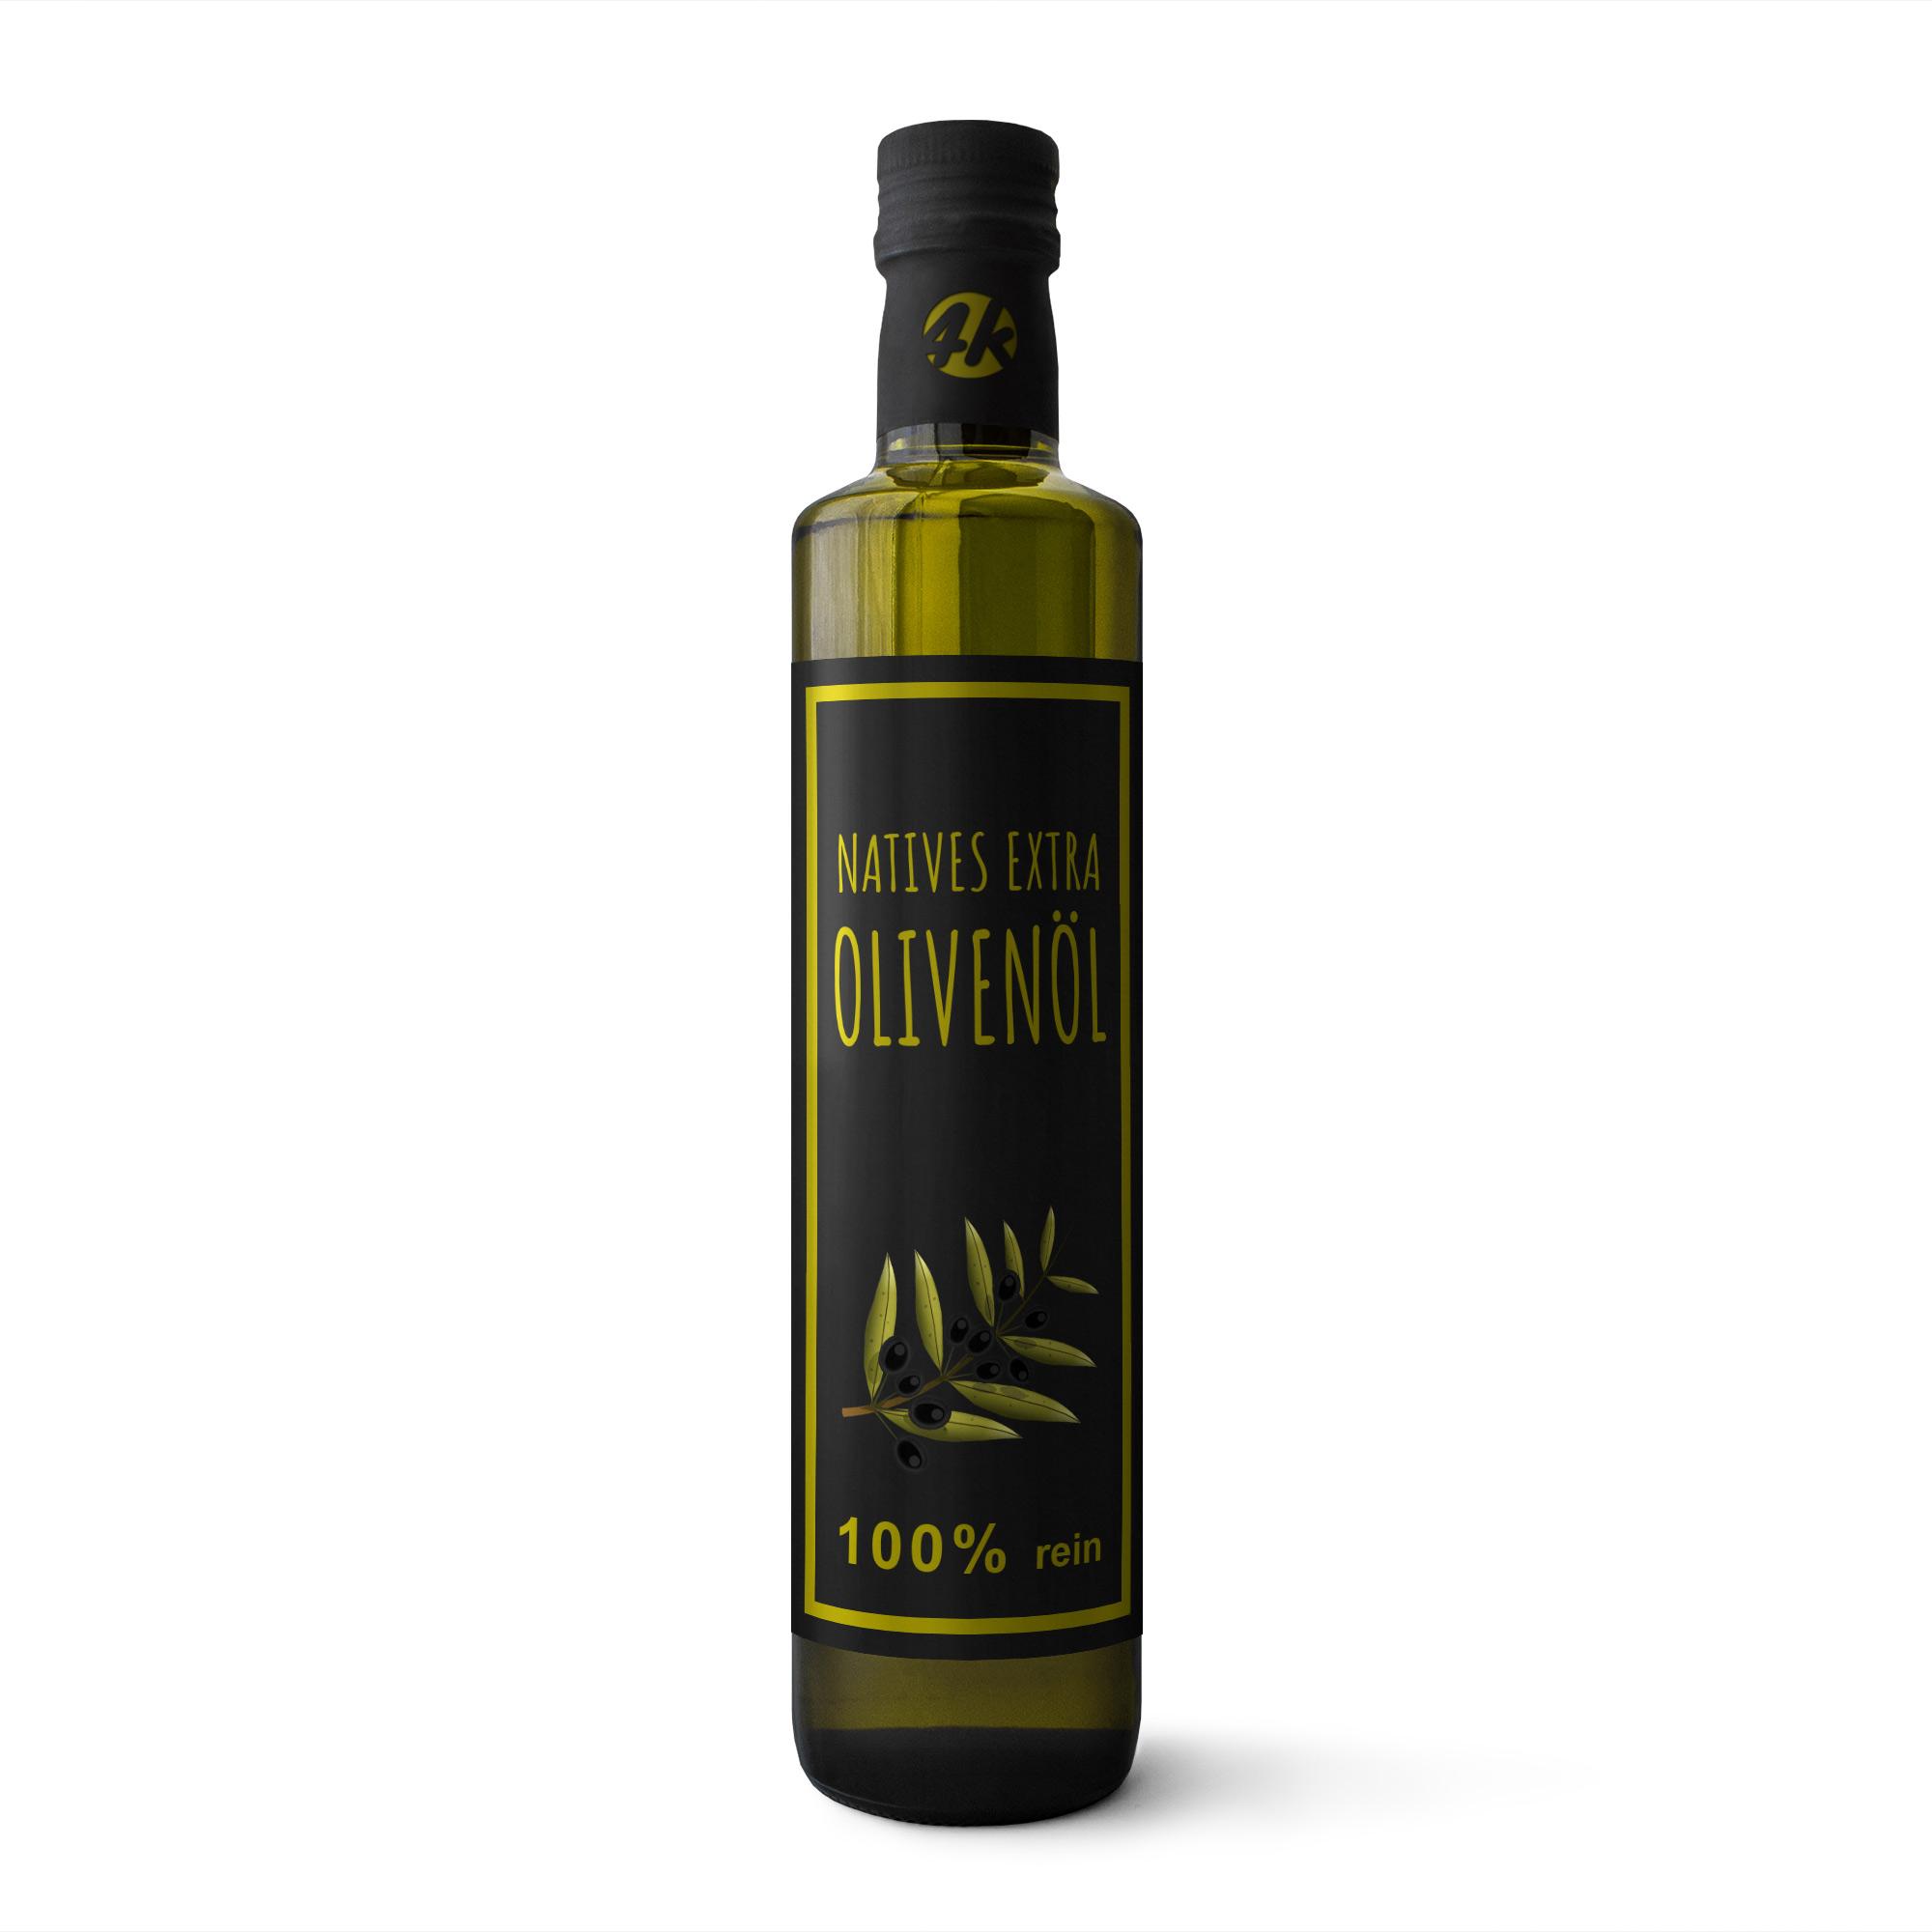 Natives Extra Olivenöl